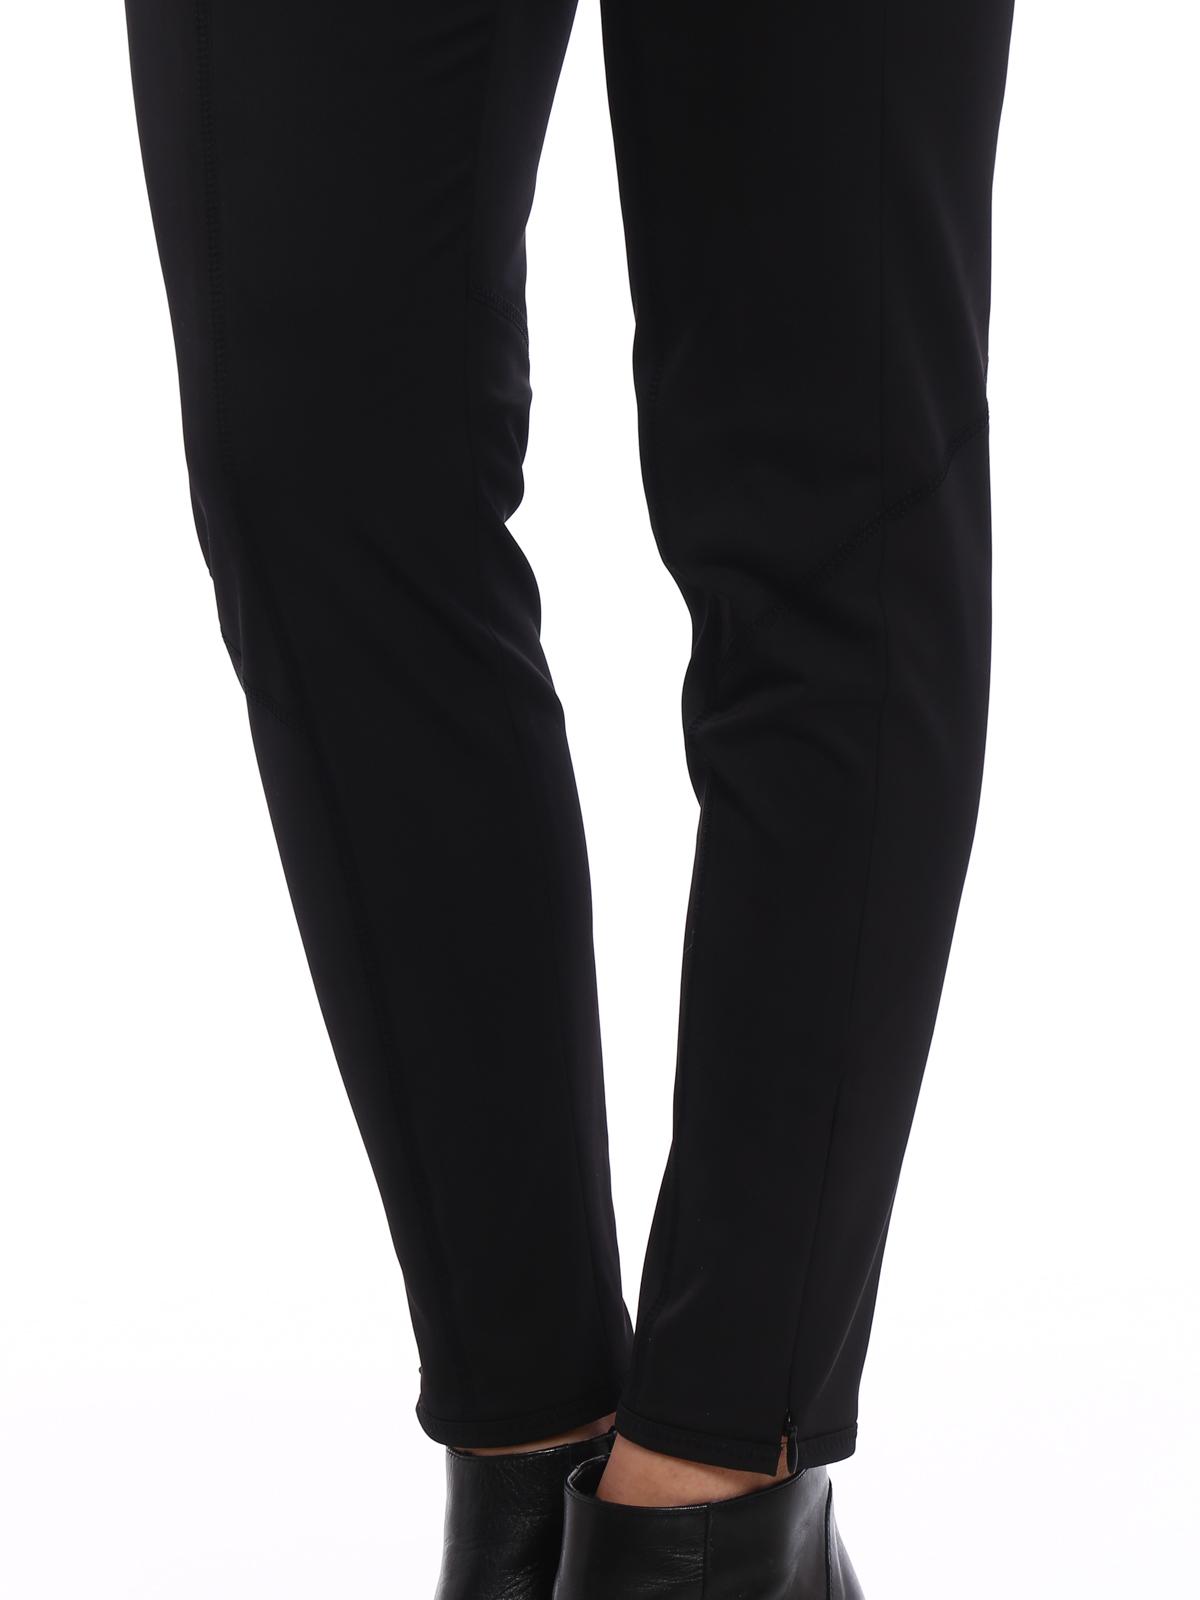 d0c212d4 prada-buy-online-techno-stretch-leggings-00000121144f00s015.jpg